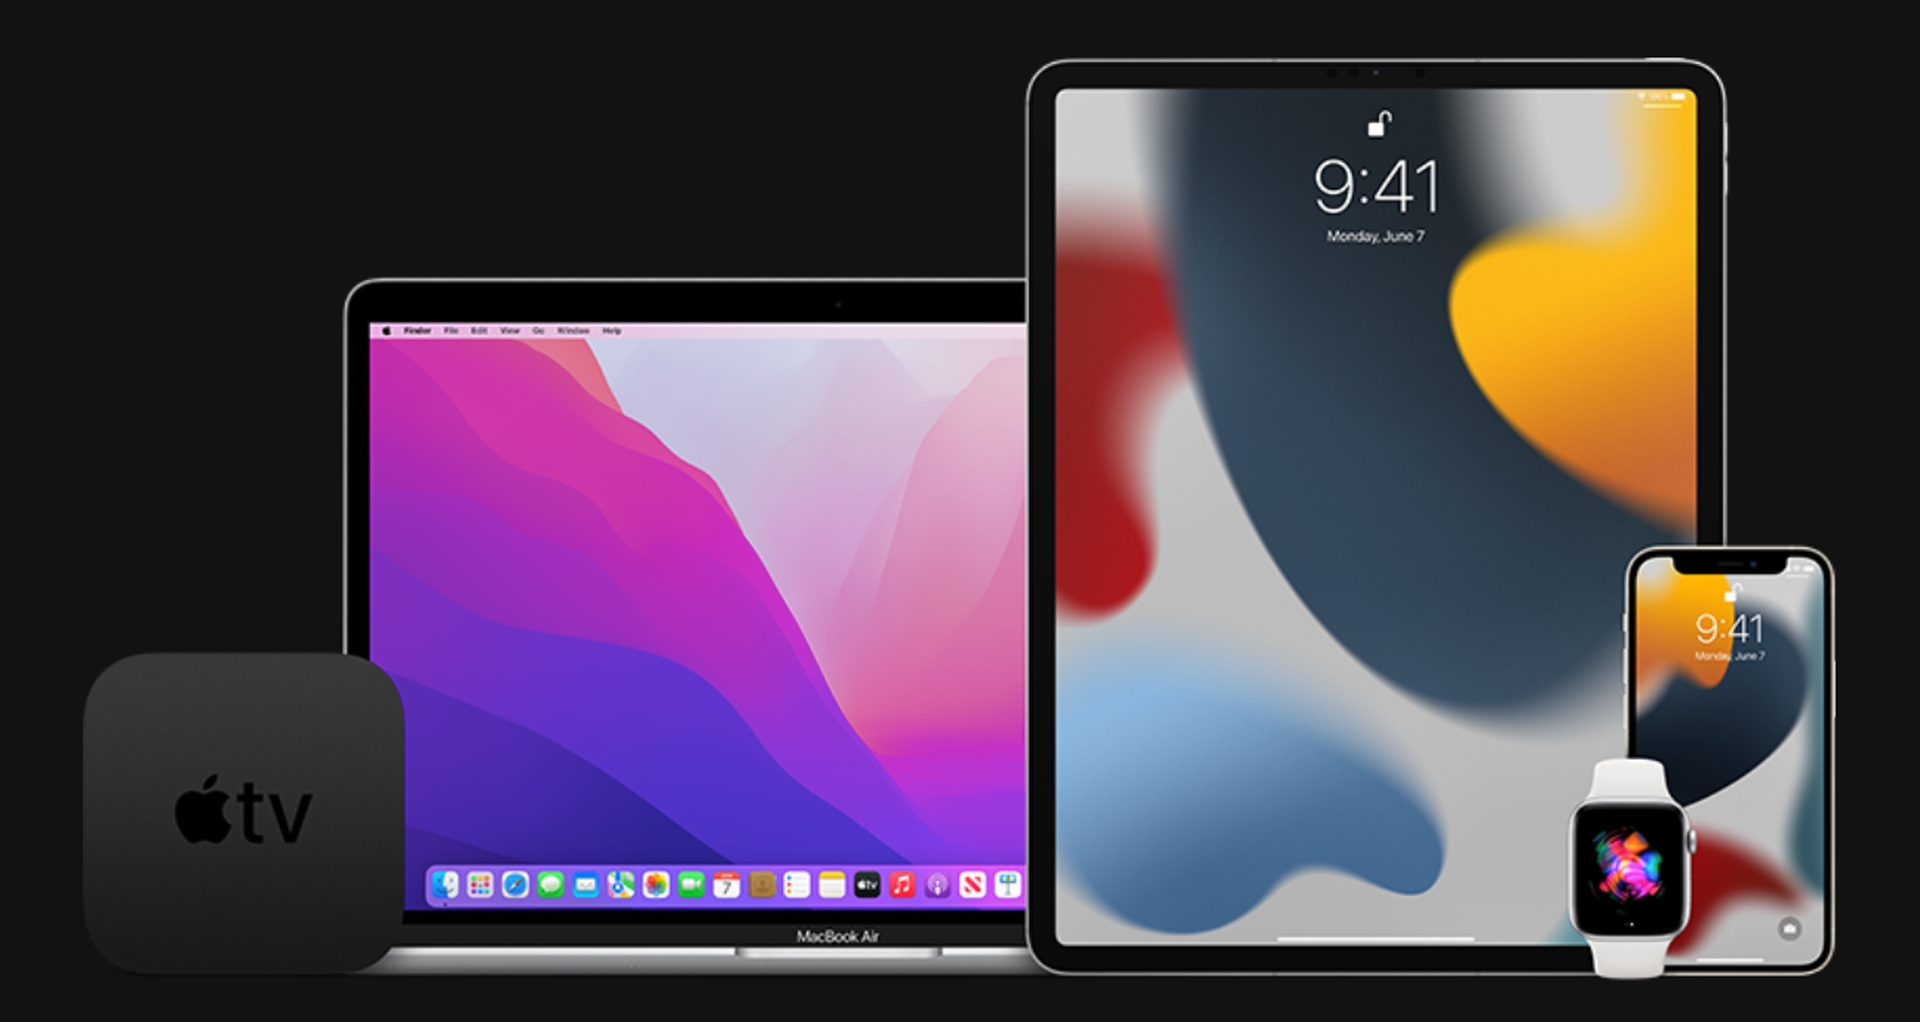 Drugie wersje beta systemów iOS/iPadOS 15.1, tvOS 15.1 i watchOS 8.1